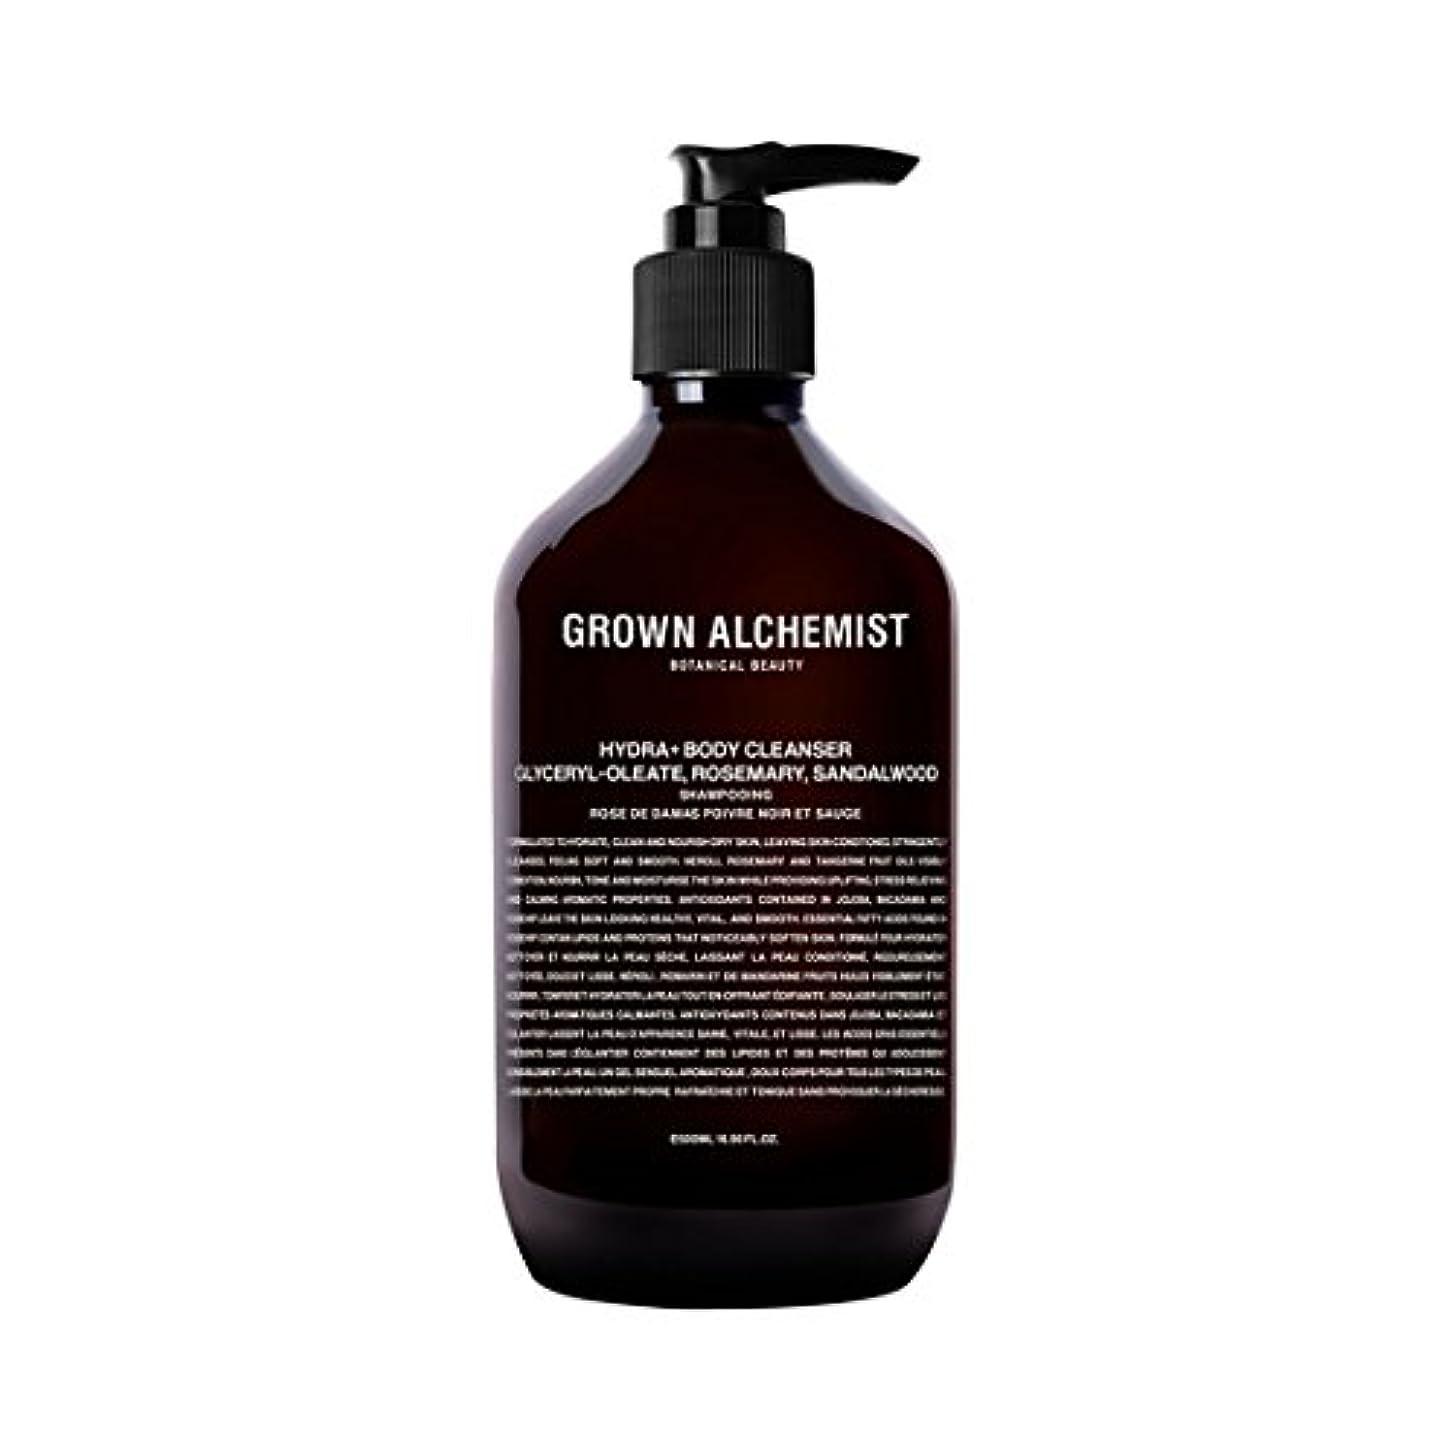 方向委員長許可するGrown Alchemist Hydra+ Body Cleanser - Emerald Cypress Co2 Extract, Rosemary & Sandalwood 500ml/16.9oz並行輸入品